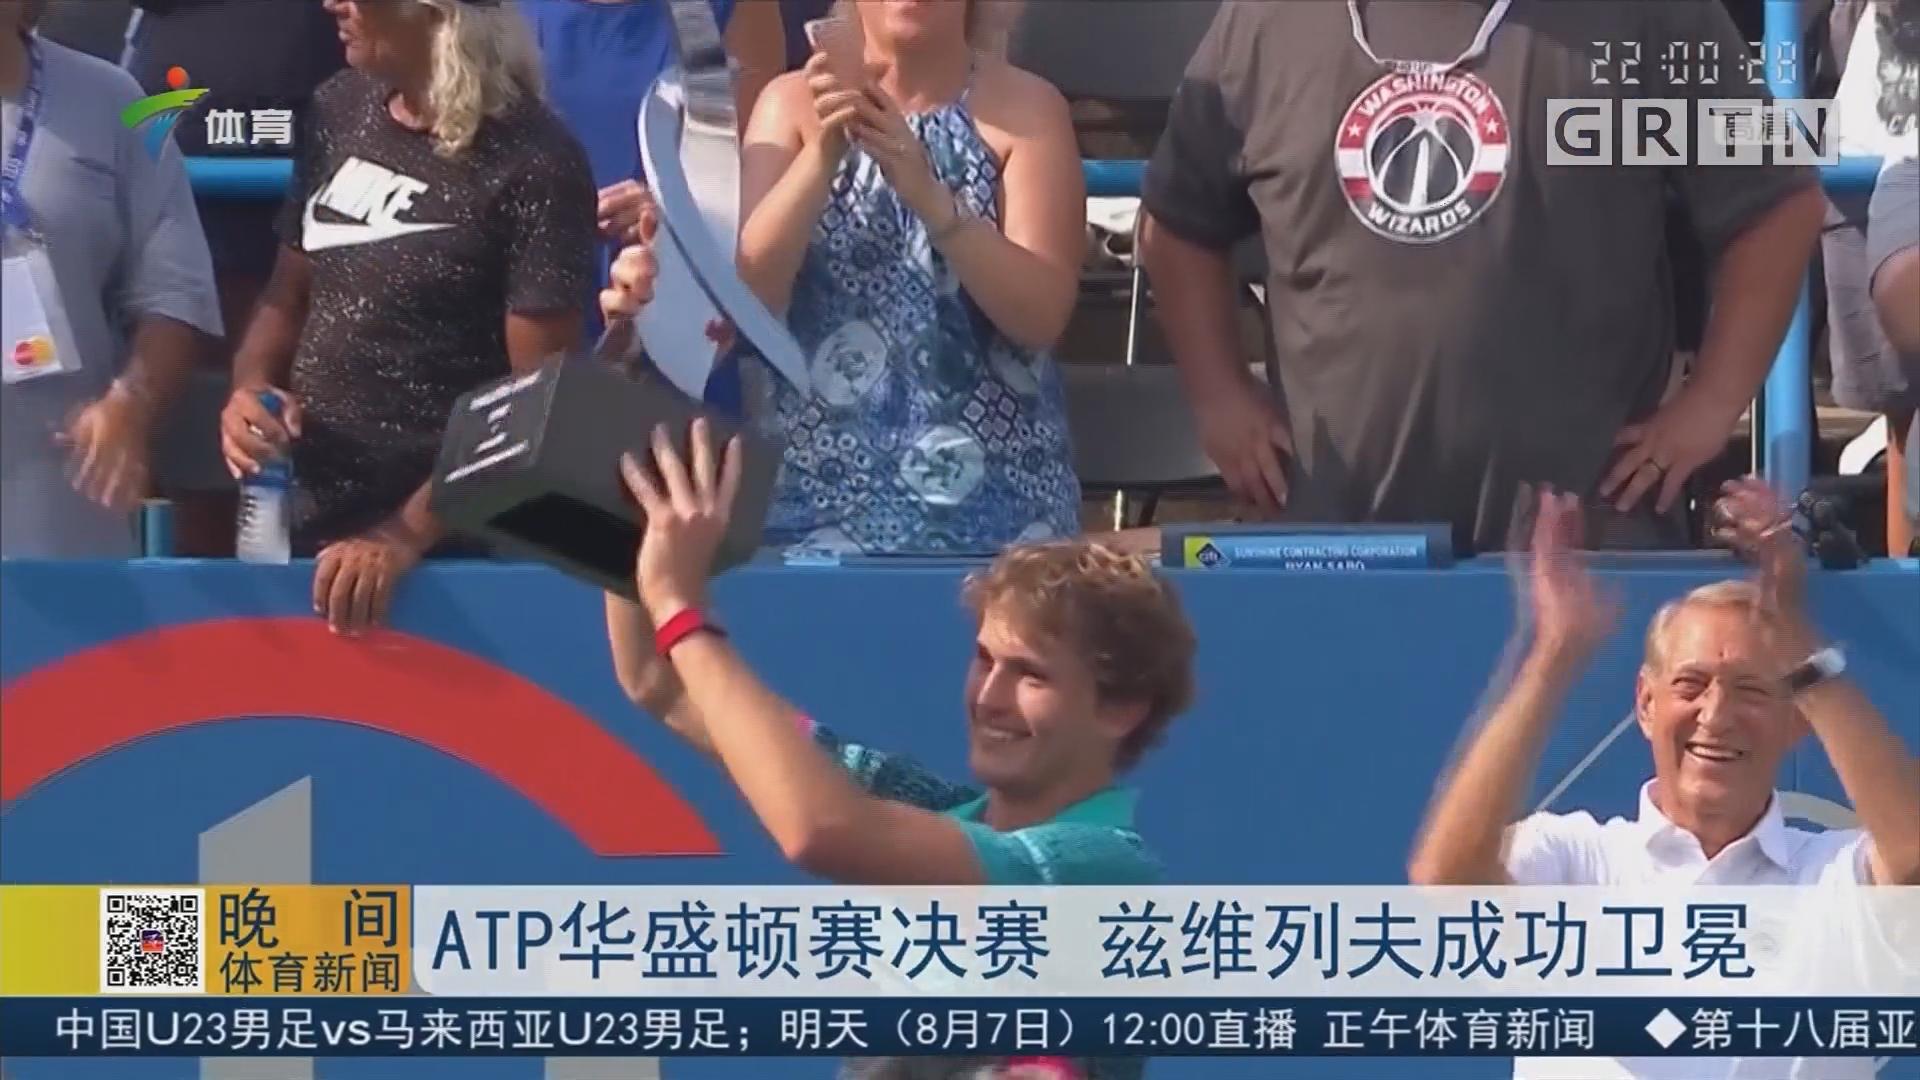 ATP華盛頓賽決賽 茲維列夫成功衛冕